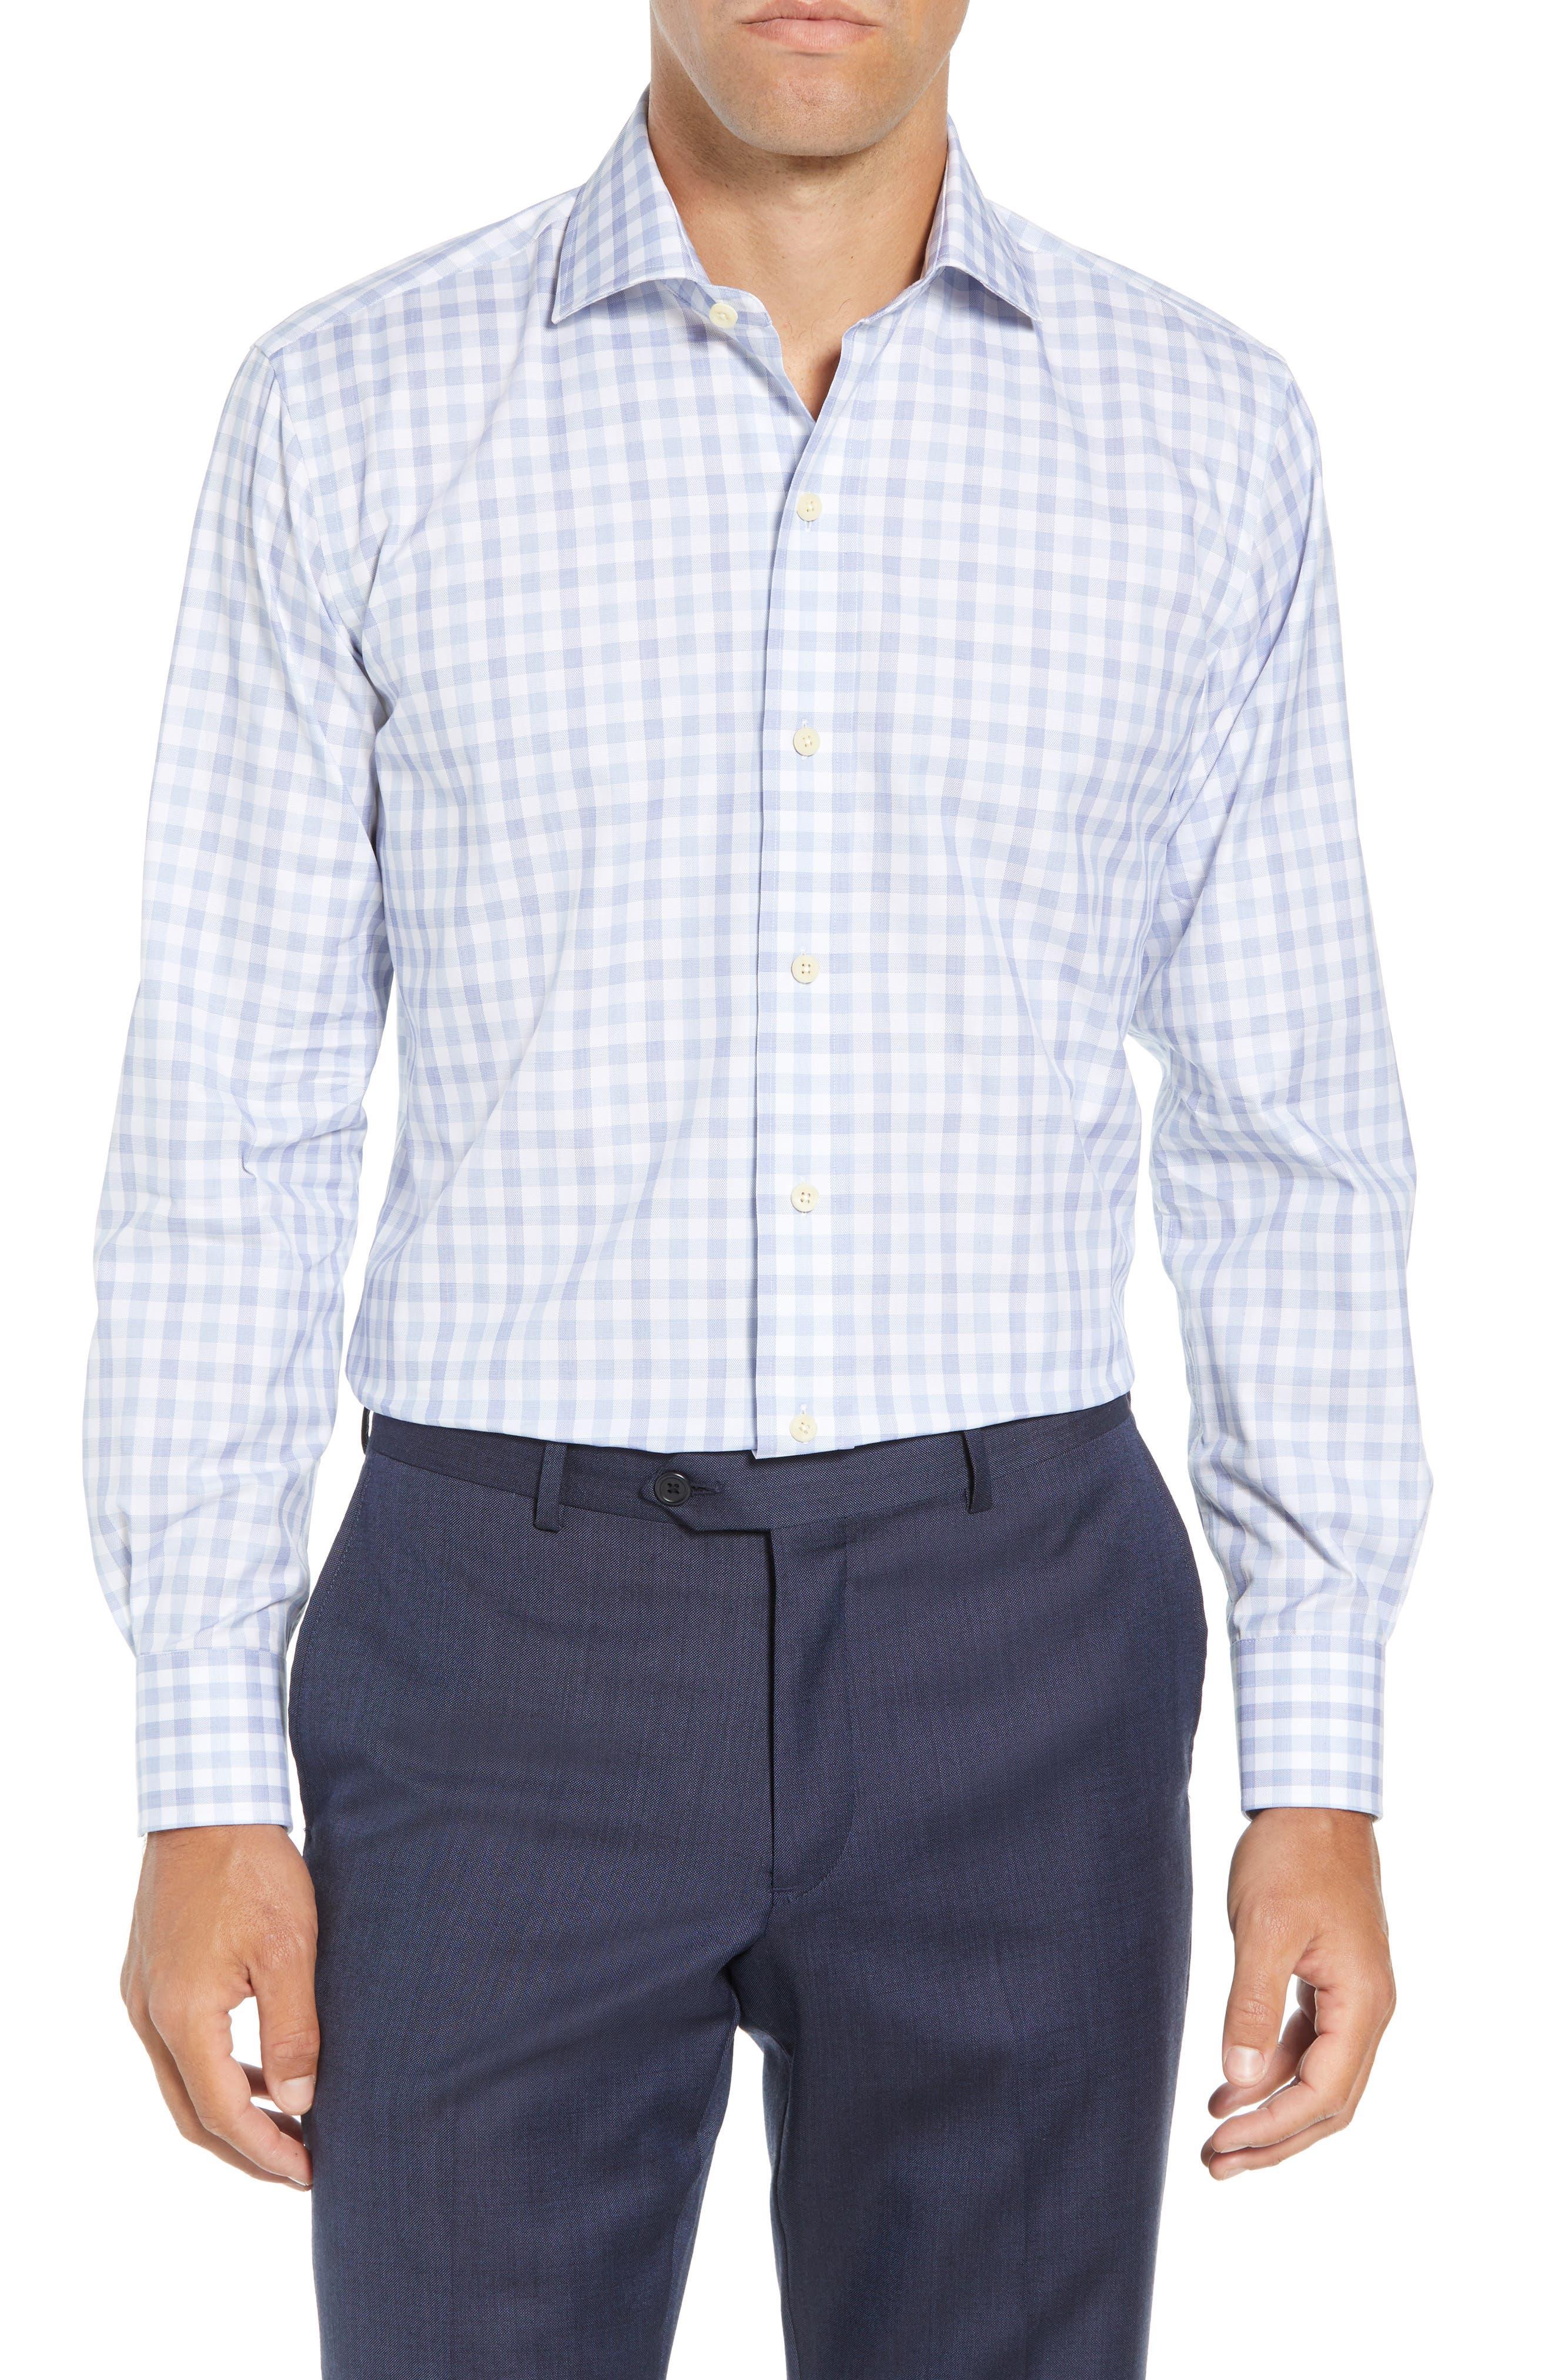 Corbly Trim Fit Check Dress Shirt,                         Main,                         color, LIGHT BLUE